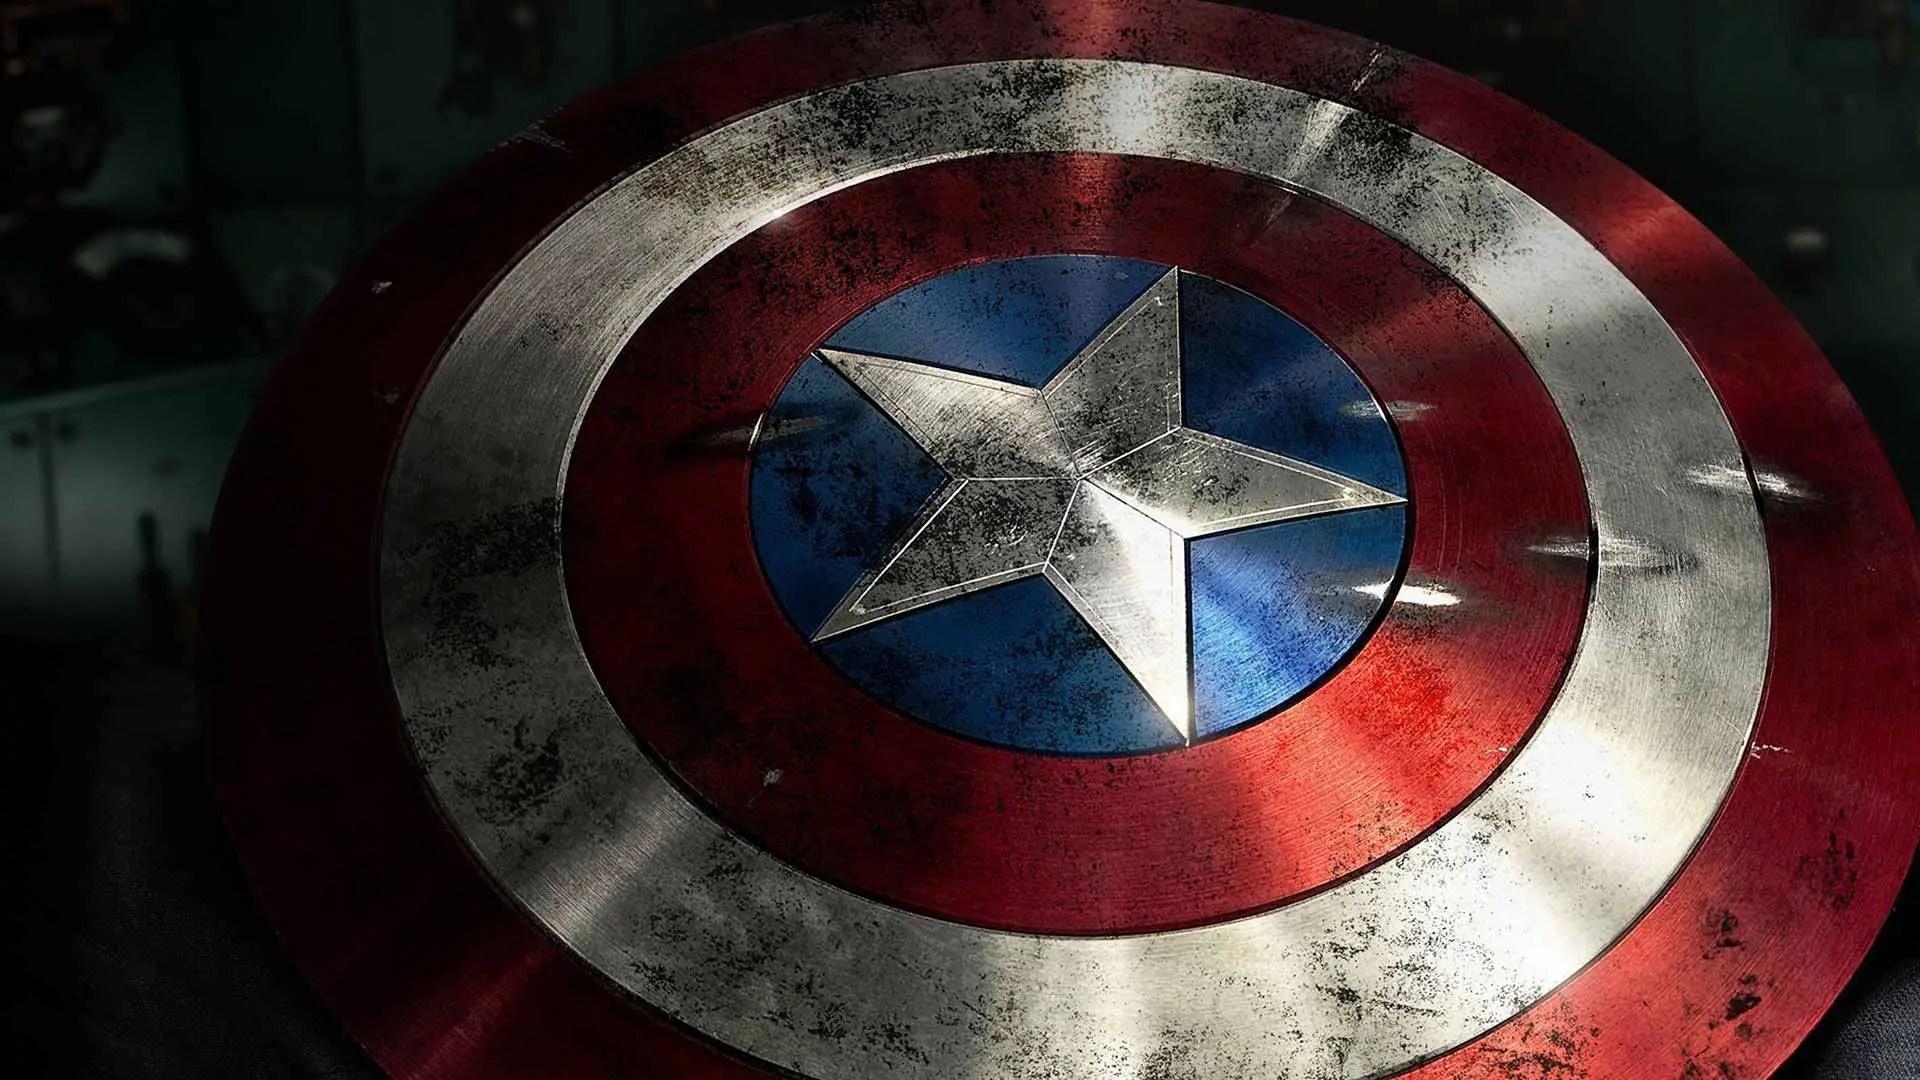 production begins on marvel 39 s captain america civil war. Black Bedroom Furniture Sets. Home Design Ideas